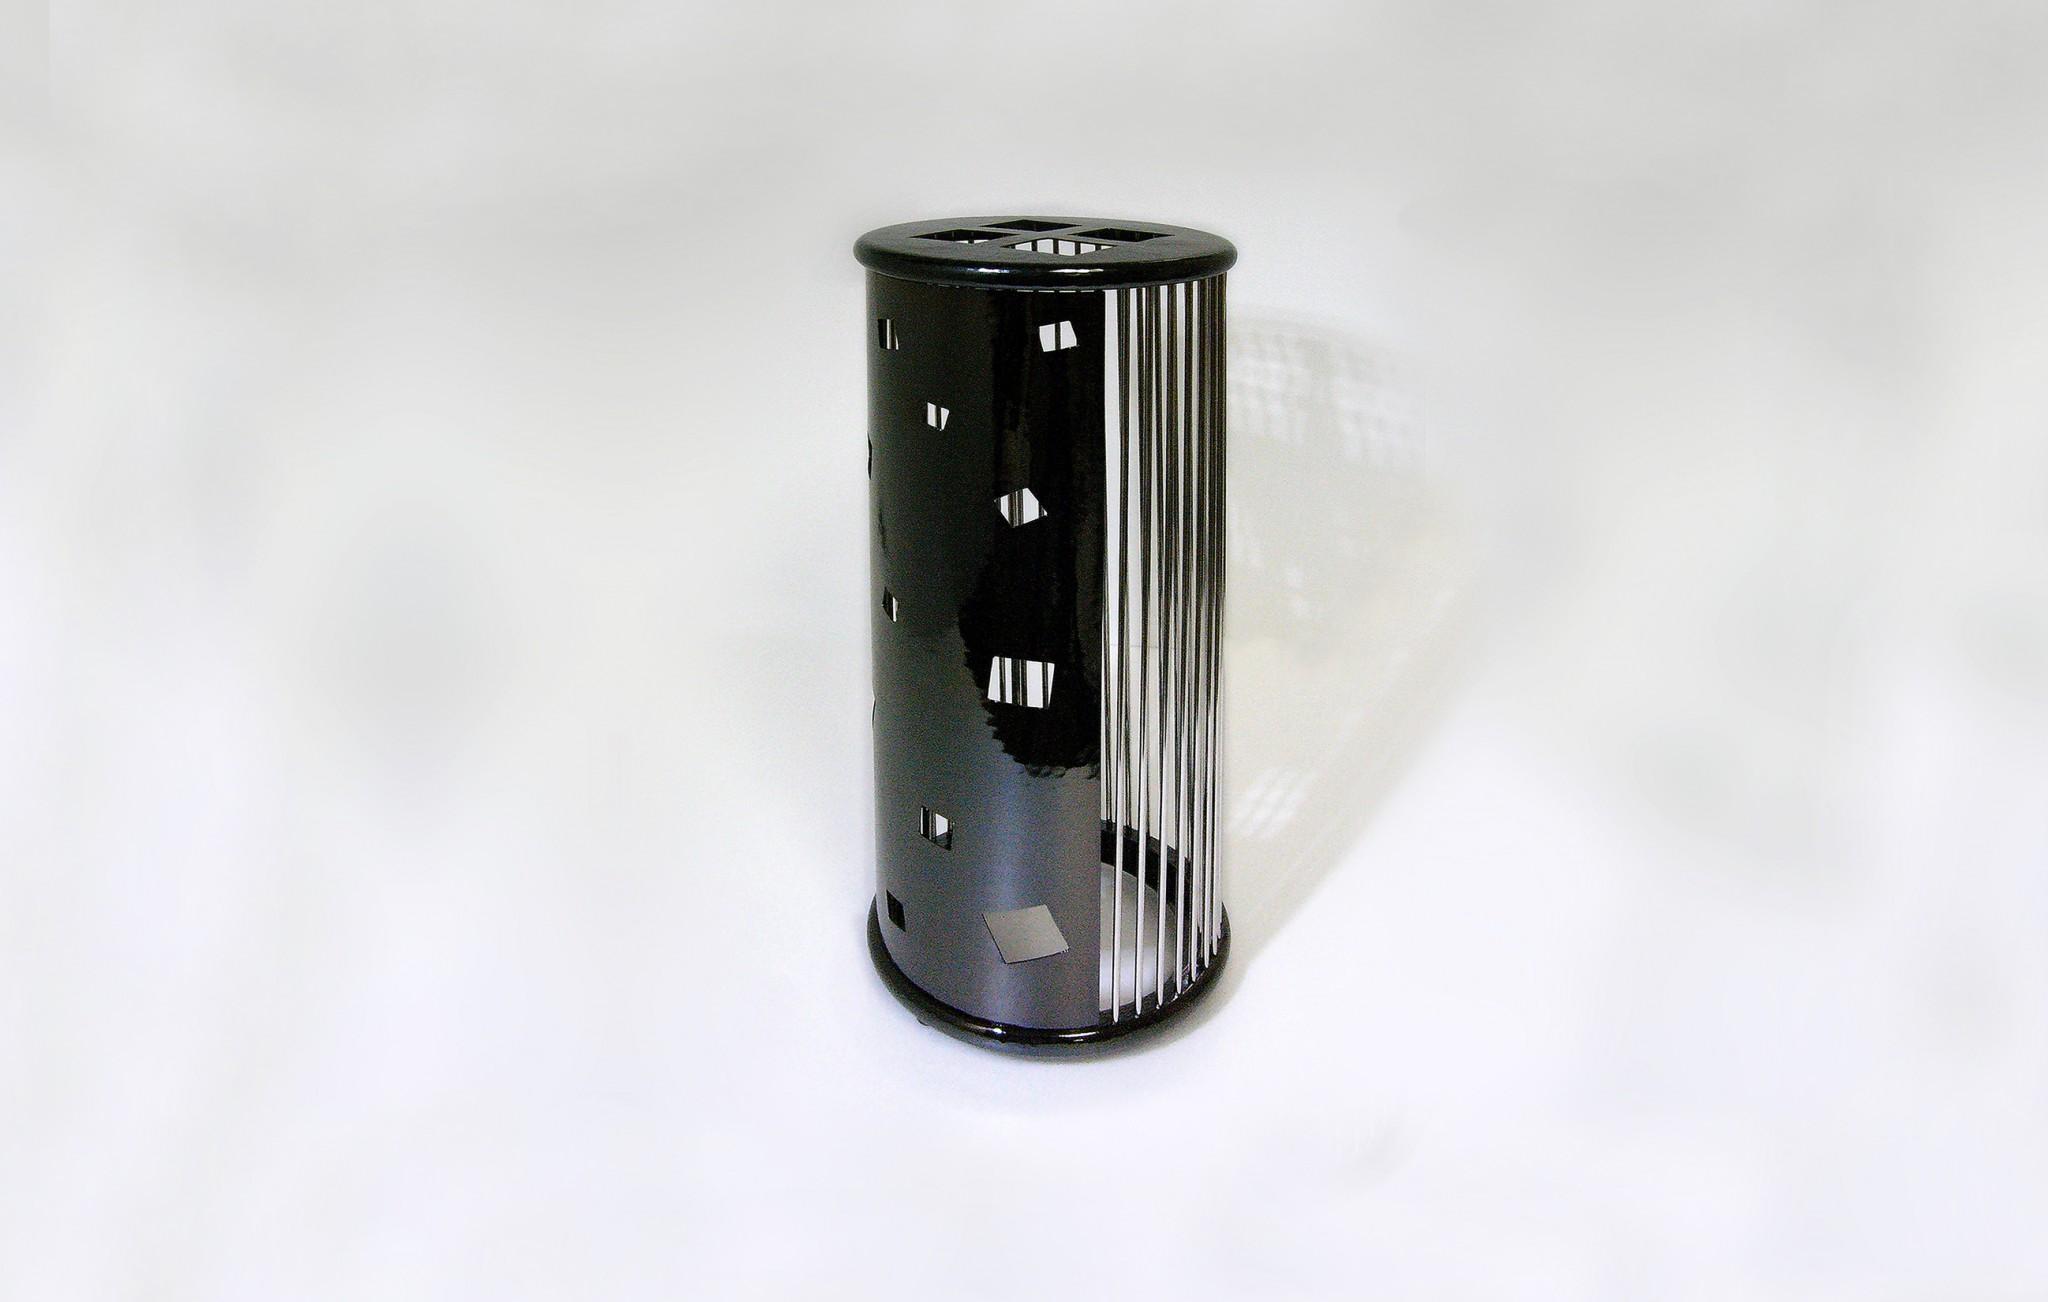 真鍮製 / 黒ニッケルめっき